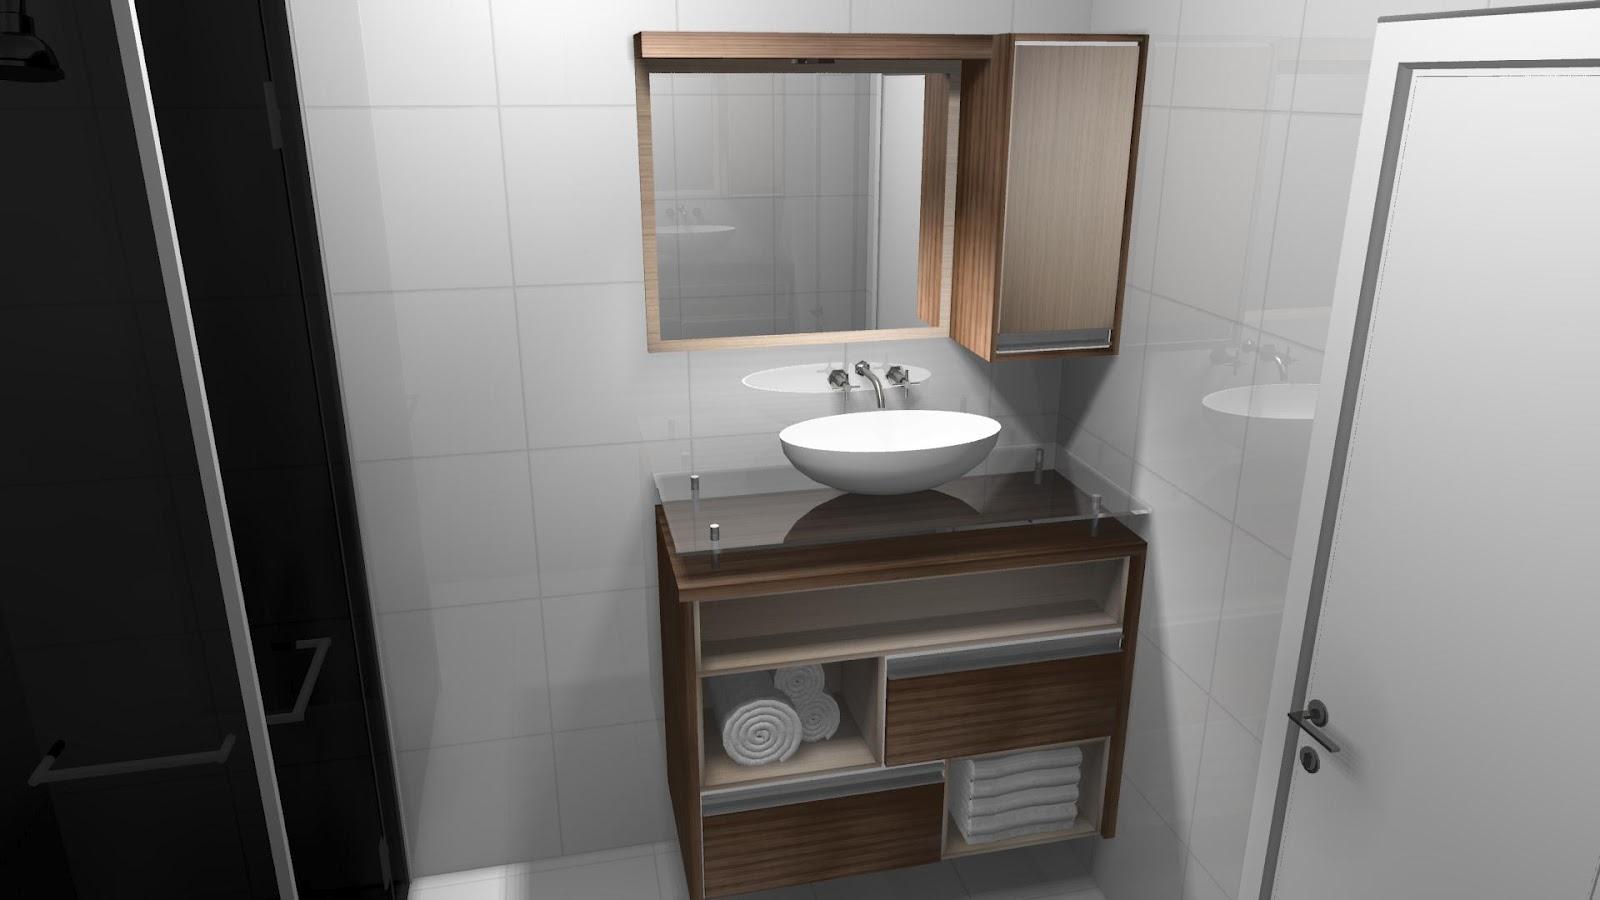 Imagens de #7A6251  compartilhar com o pinterest marcadores balcões de banheiro banheiros 1600x900 px 2822 Box Banheiro Lojas Quero Quero